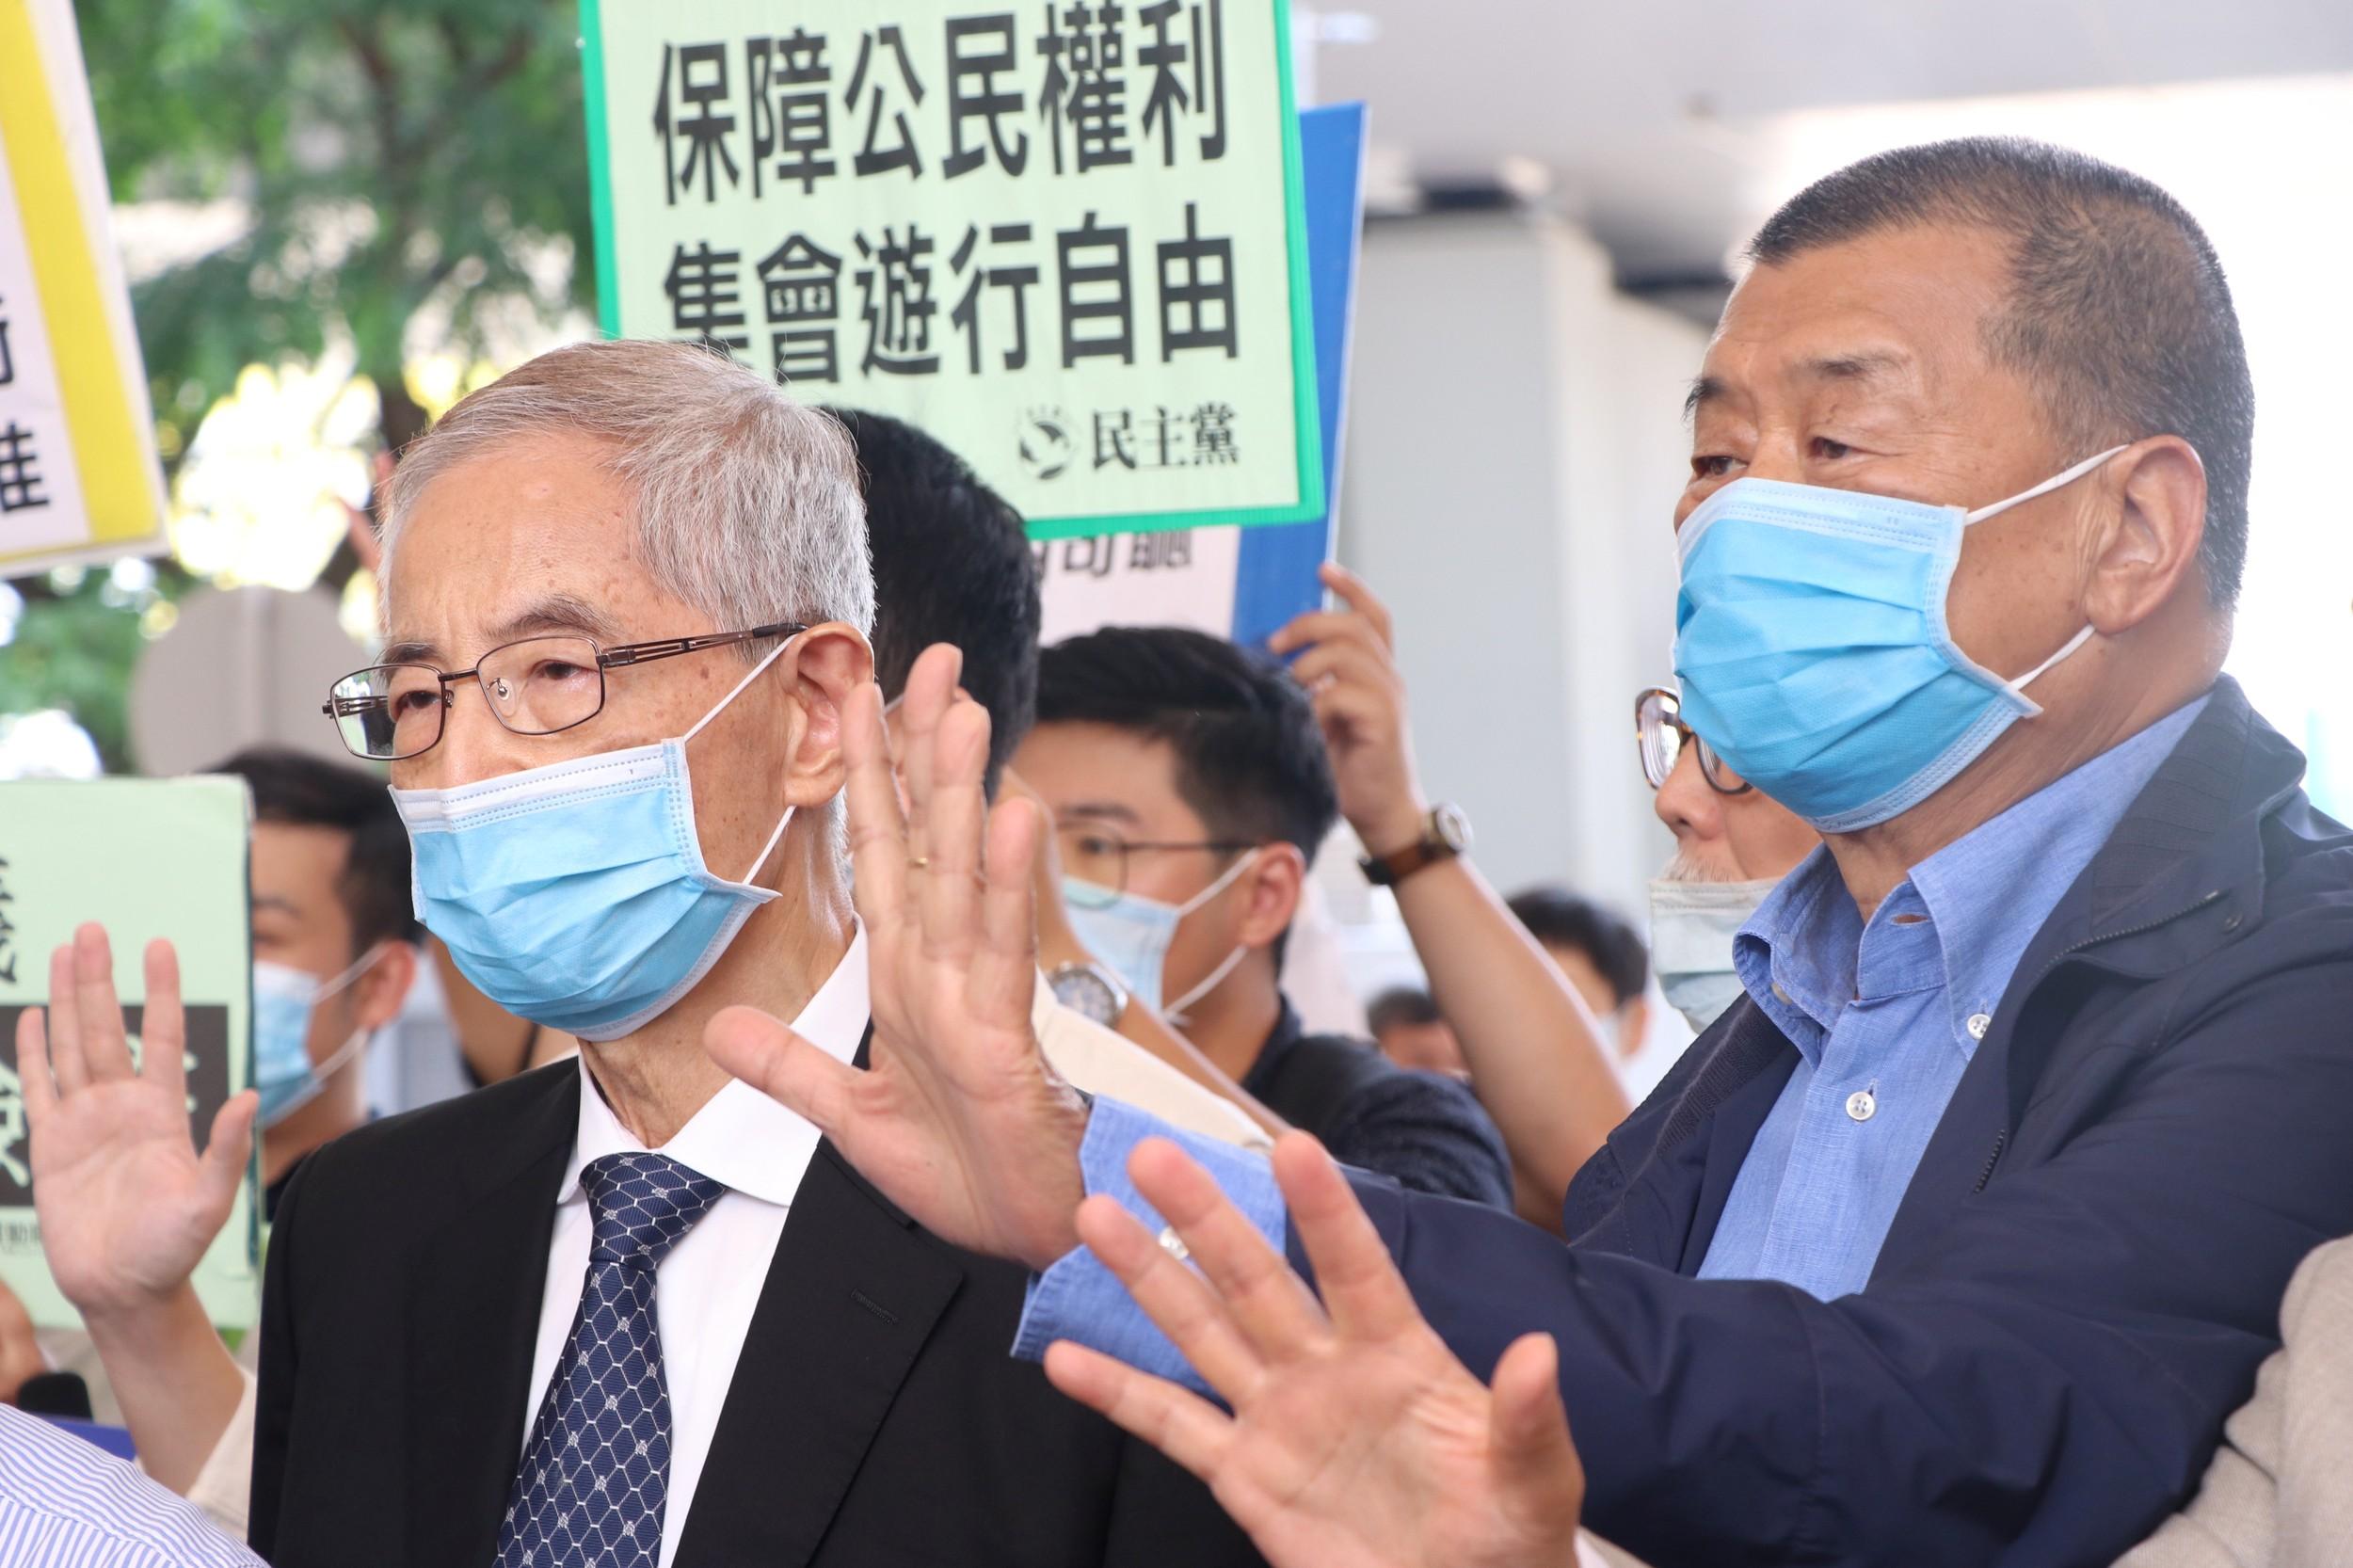 2020年5月18日,香港民主黨創黨主席李柱銘(左)和壹傳媒集團創辦人黎智英(右)等15名民主派人士被檢控,案件在西九龍裁判法院提堂。(路透社)